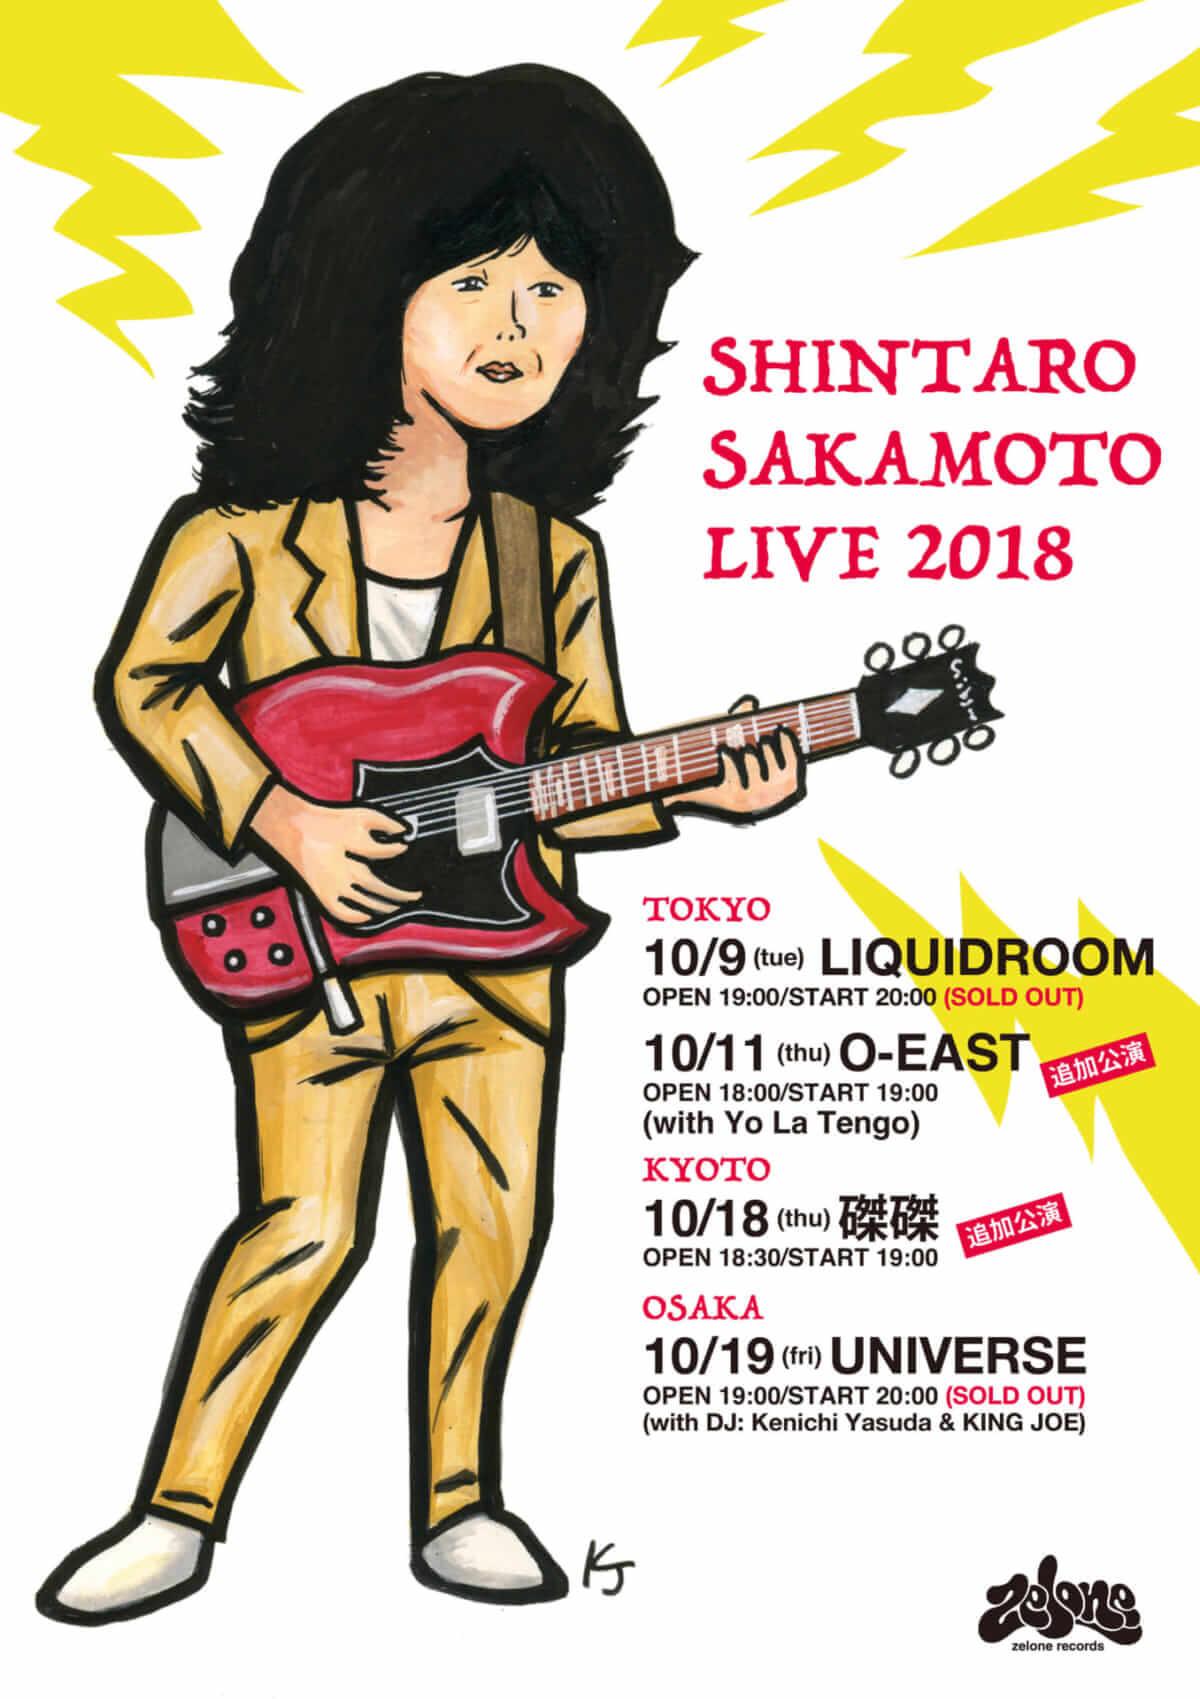 坂本慎太郎、東京・京都での追加公演決定| 東京はYO LA TENGOとのツーマンに music180807-yolatengo-sakamoto-1-1200x1699